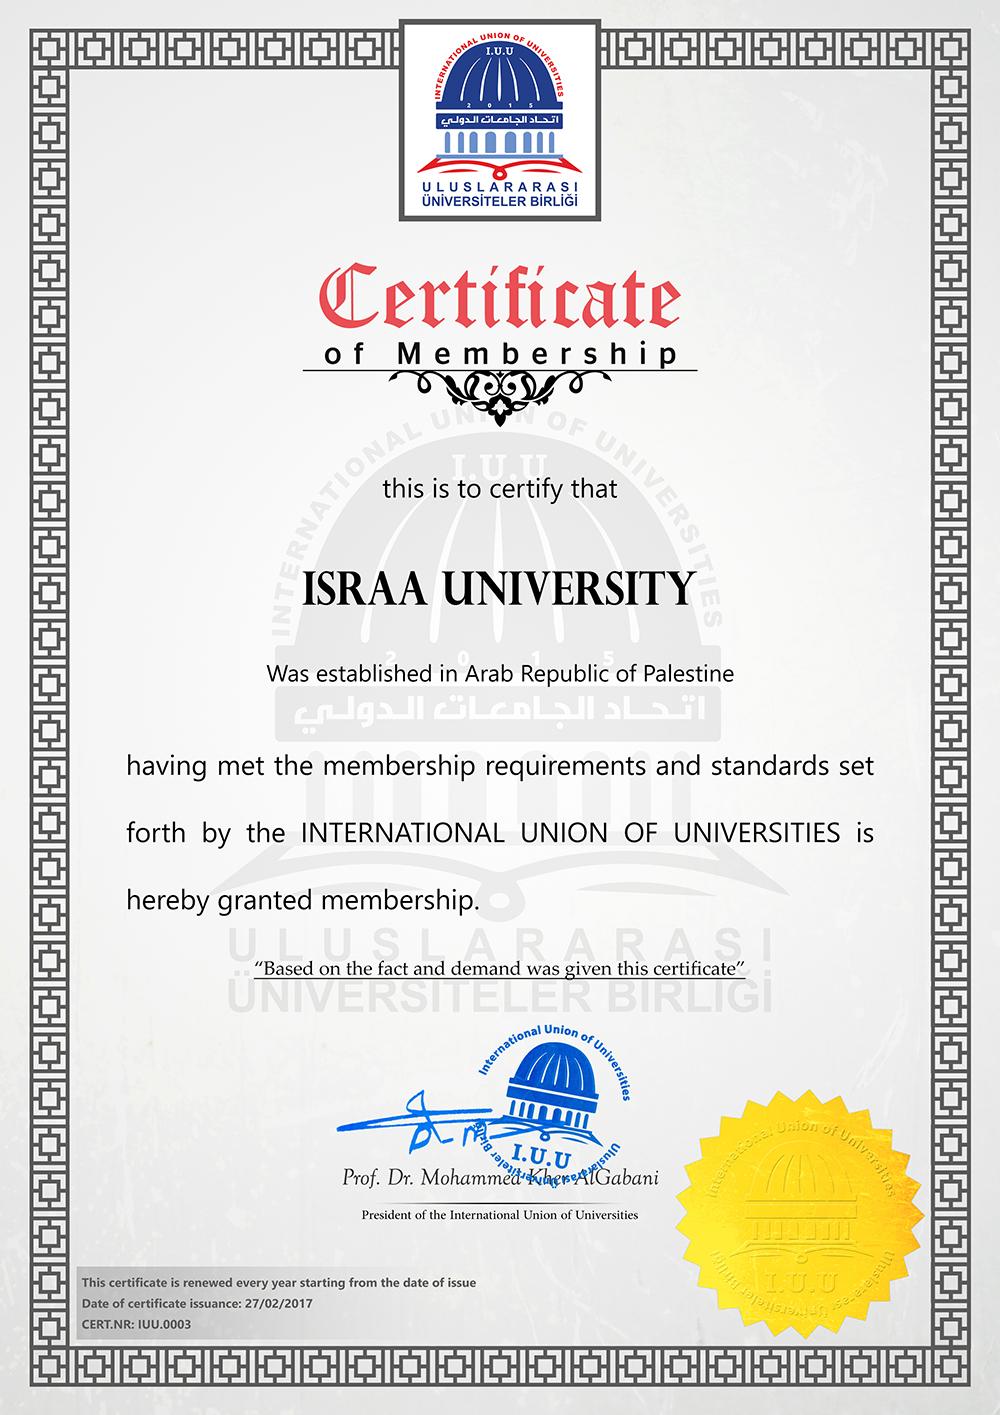 الانضمام لاتحاد الجامعات الدولي